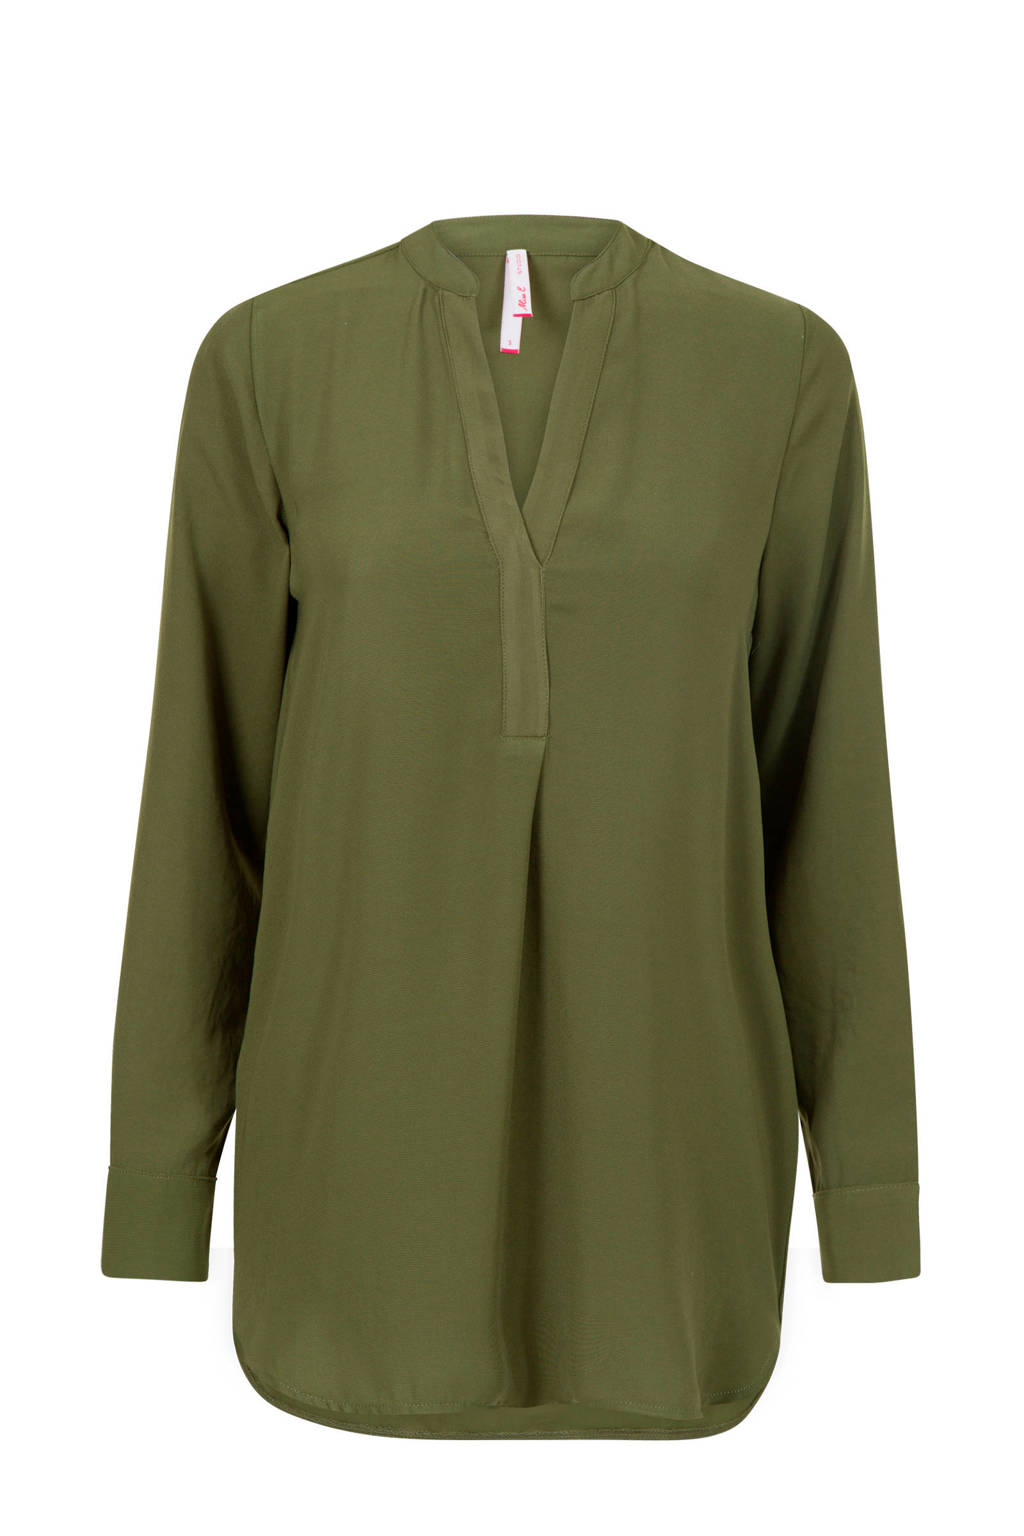 Miss Etam Regulier blouse groen, Groen